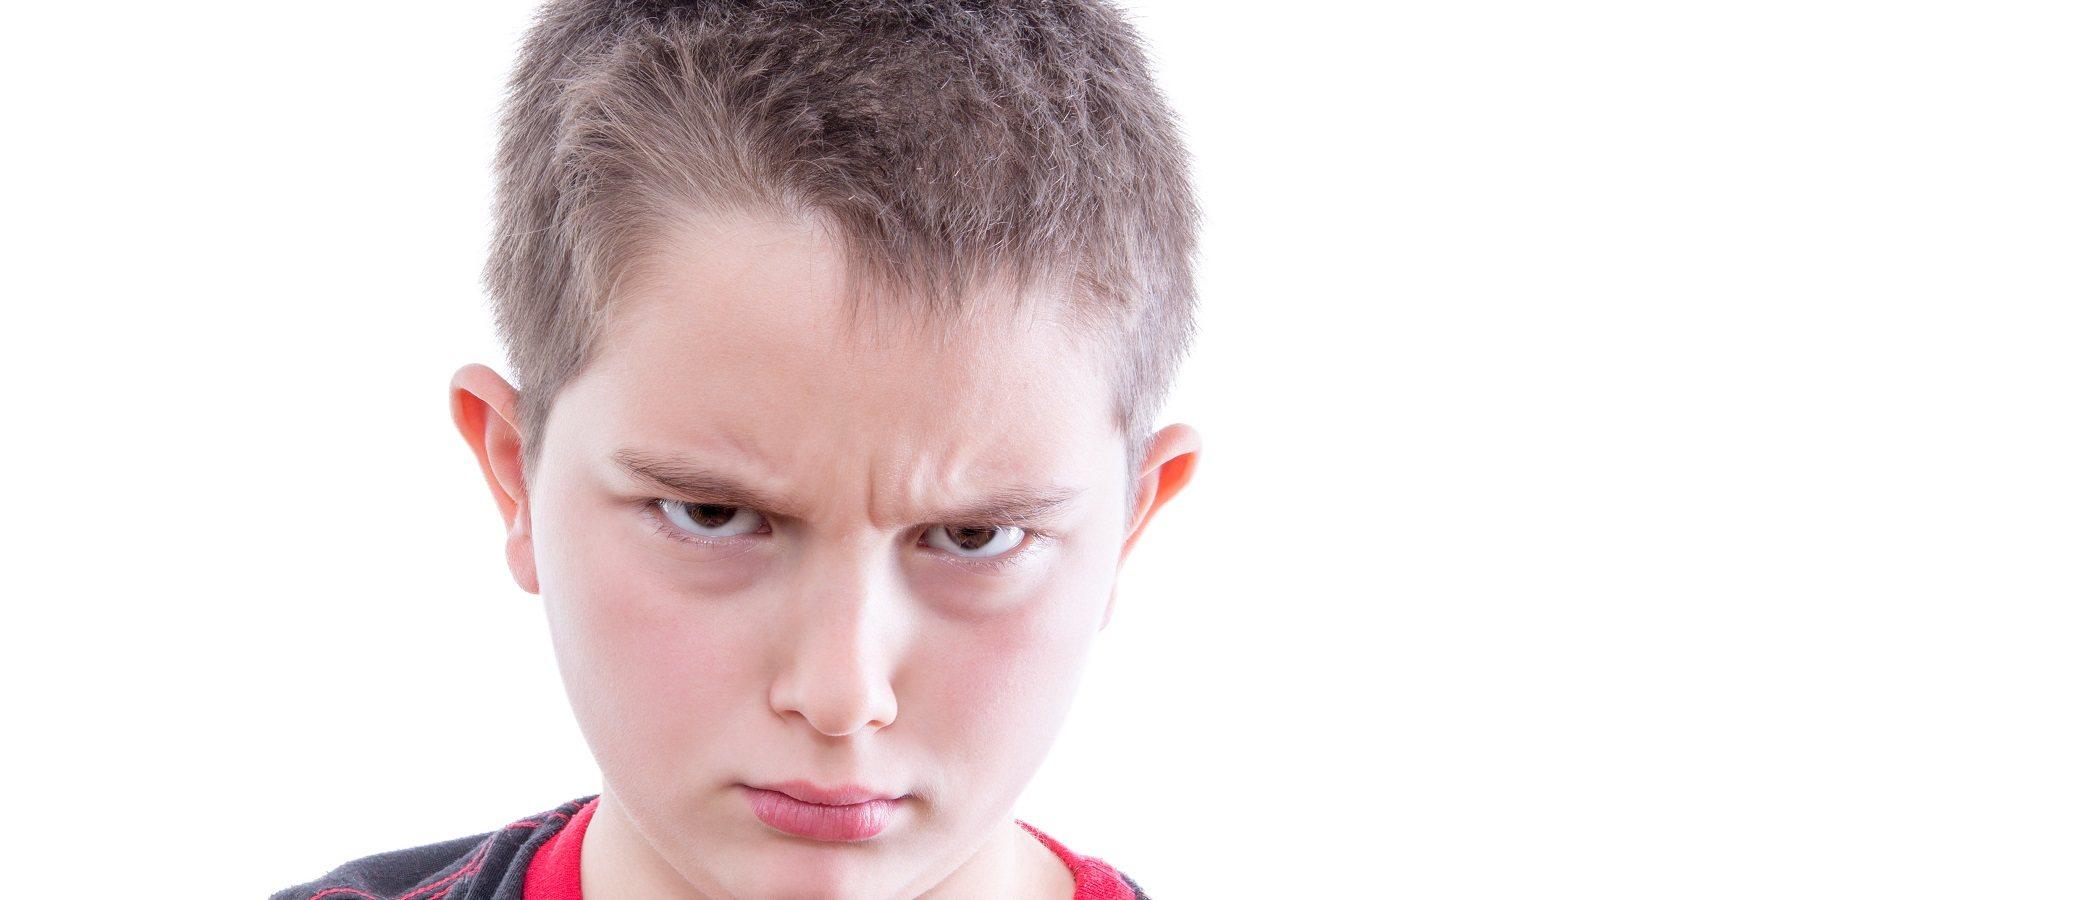 Síntomas que hacen indicar que tu hijo pueda tener problemas mentales